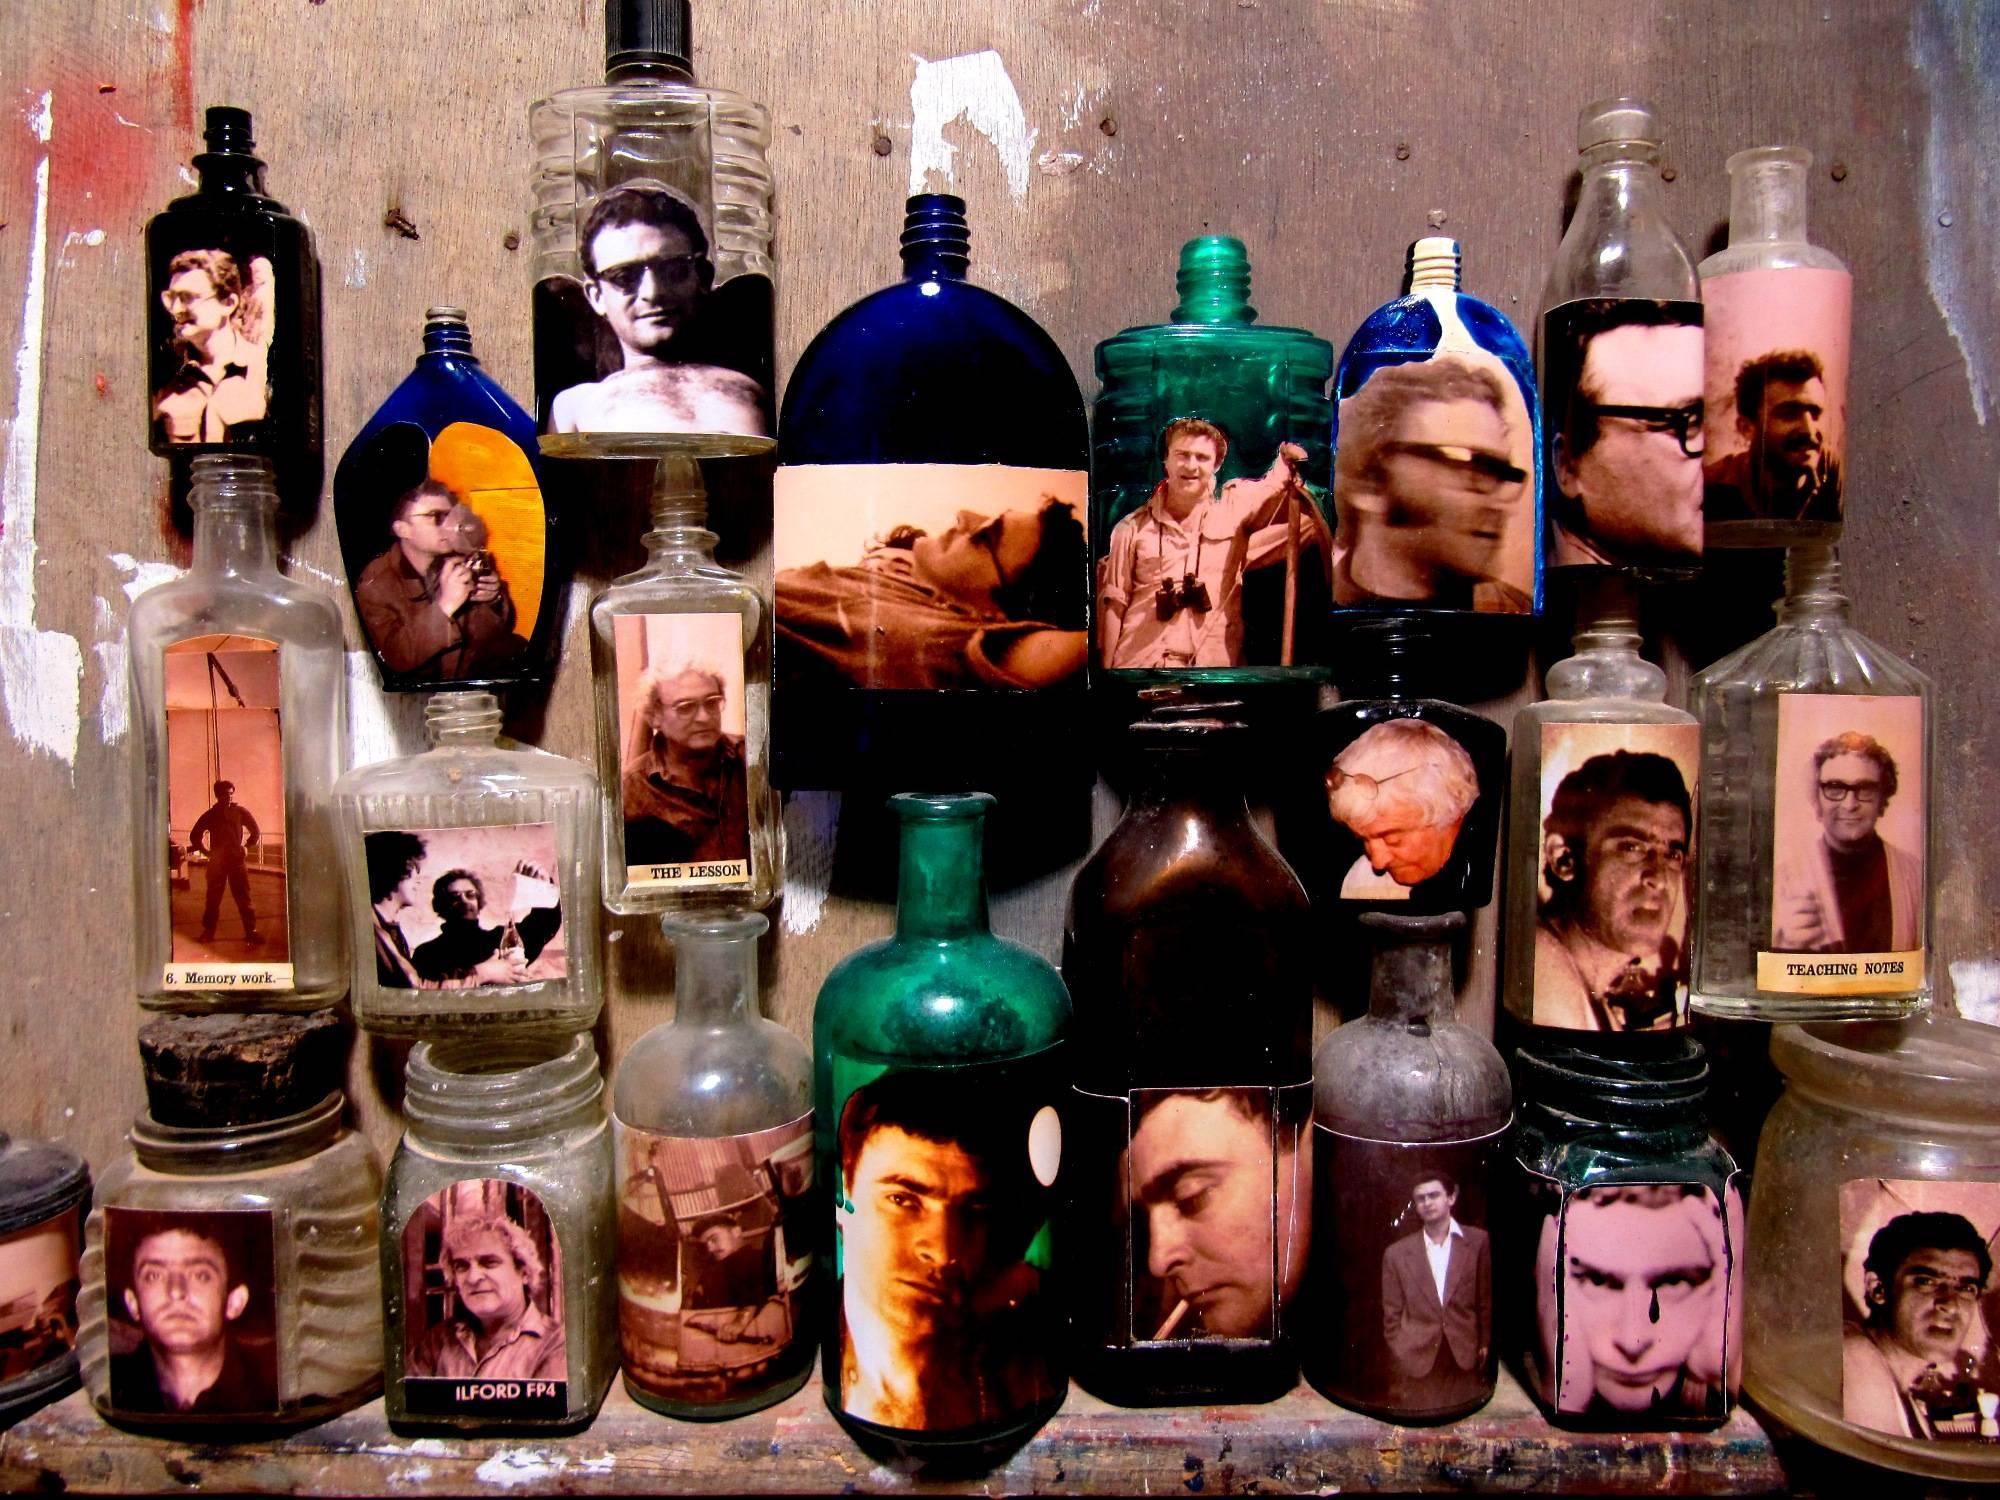 צבי טולקובסקי - בקבוקים ודיוקנאות עצמיים, אוסף מצטבר